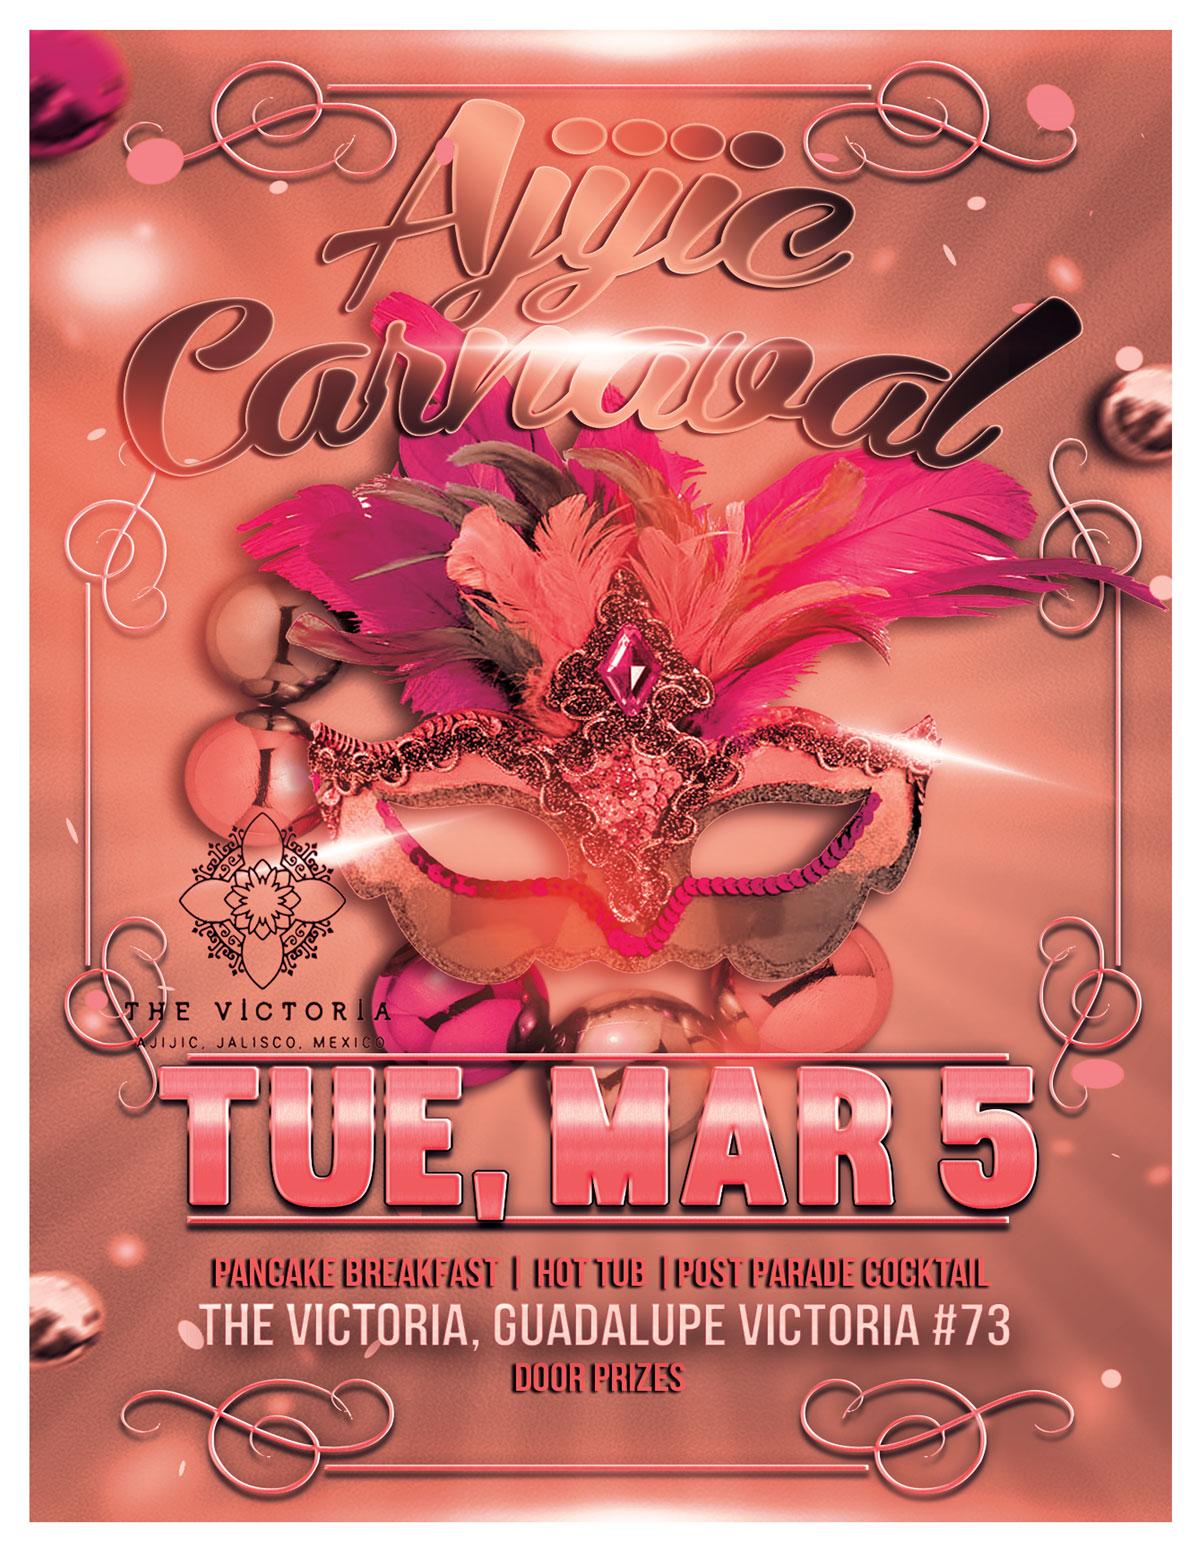 Ajijic Carnaval